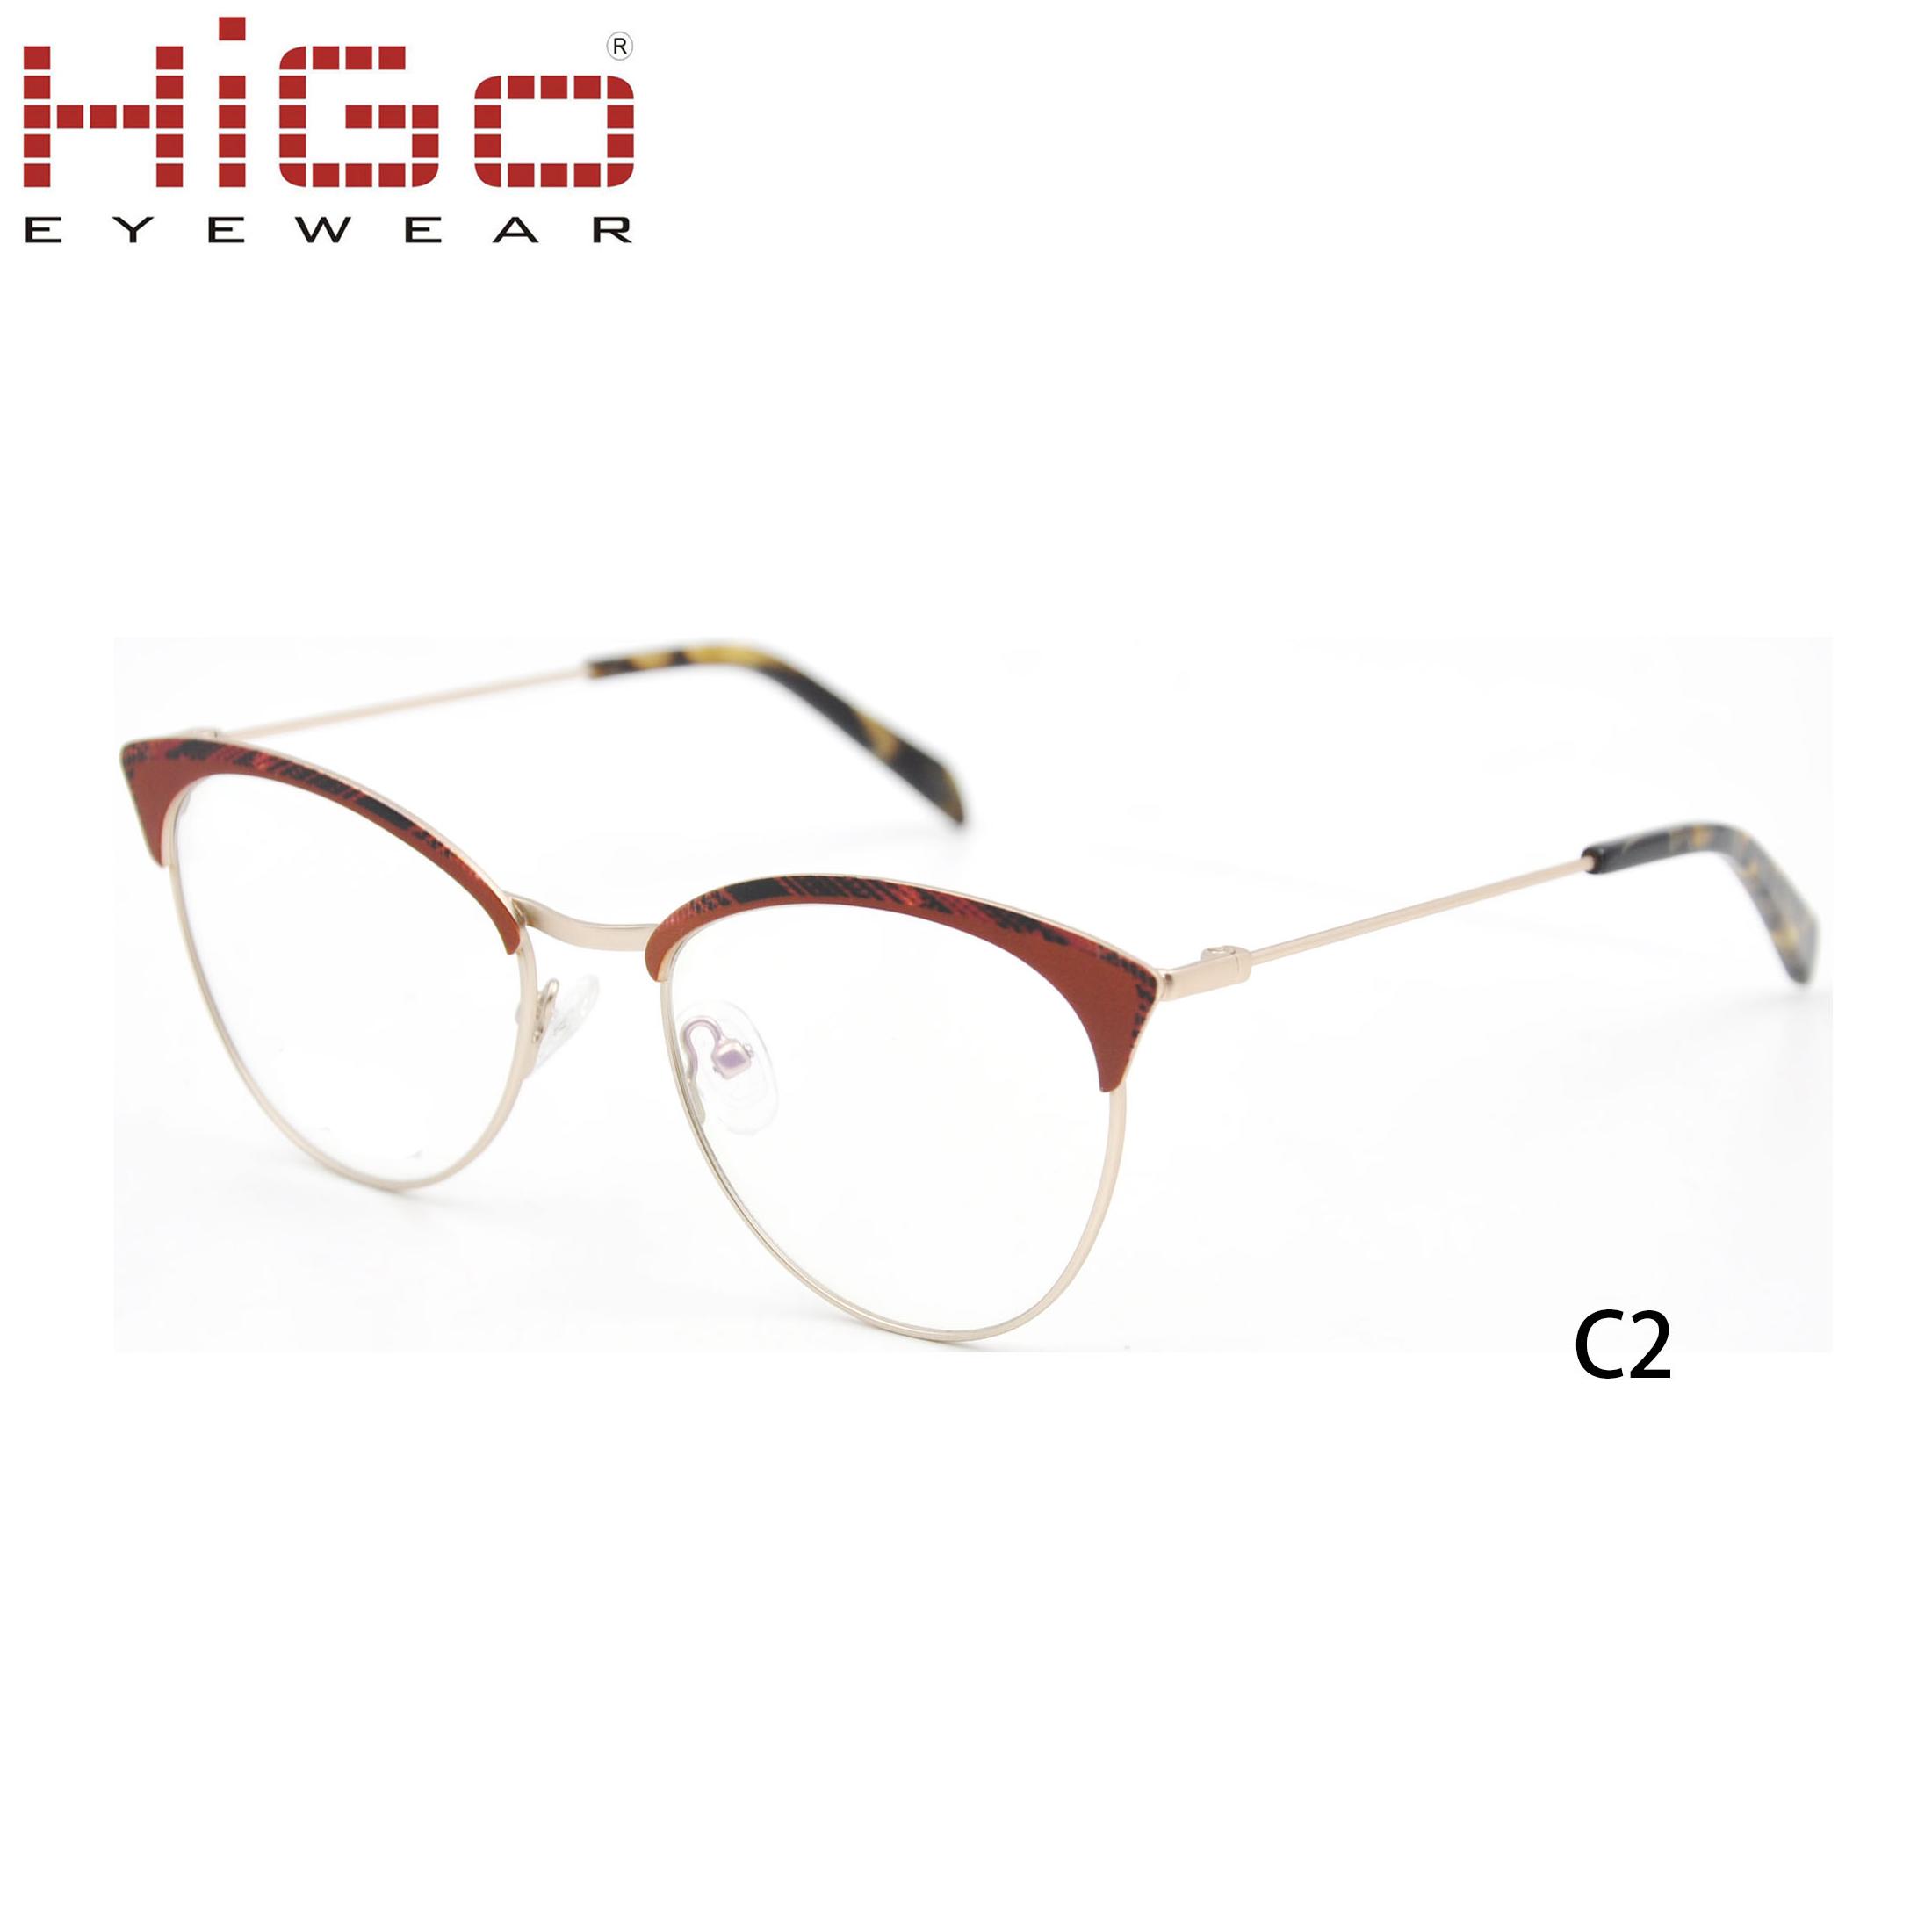 HG5305 C2.jpg